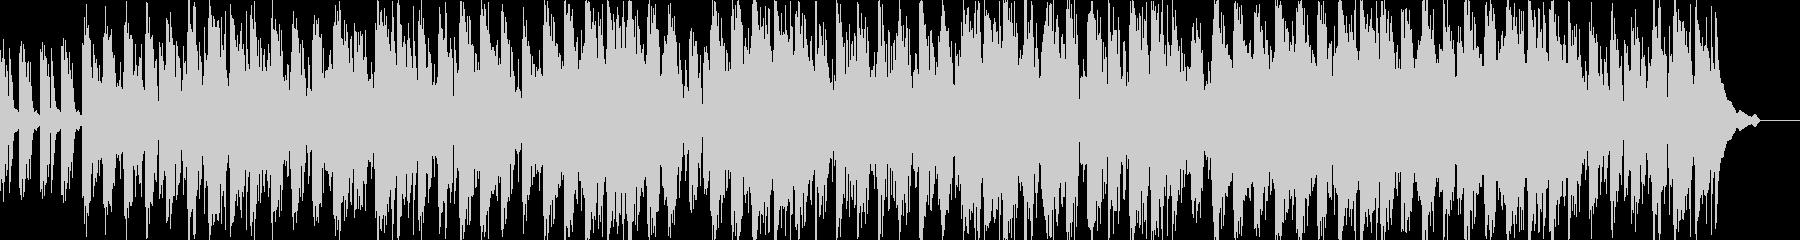 JAZZサスペンスドラマが似合うサウンドの未再生の波形